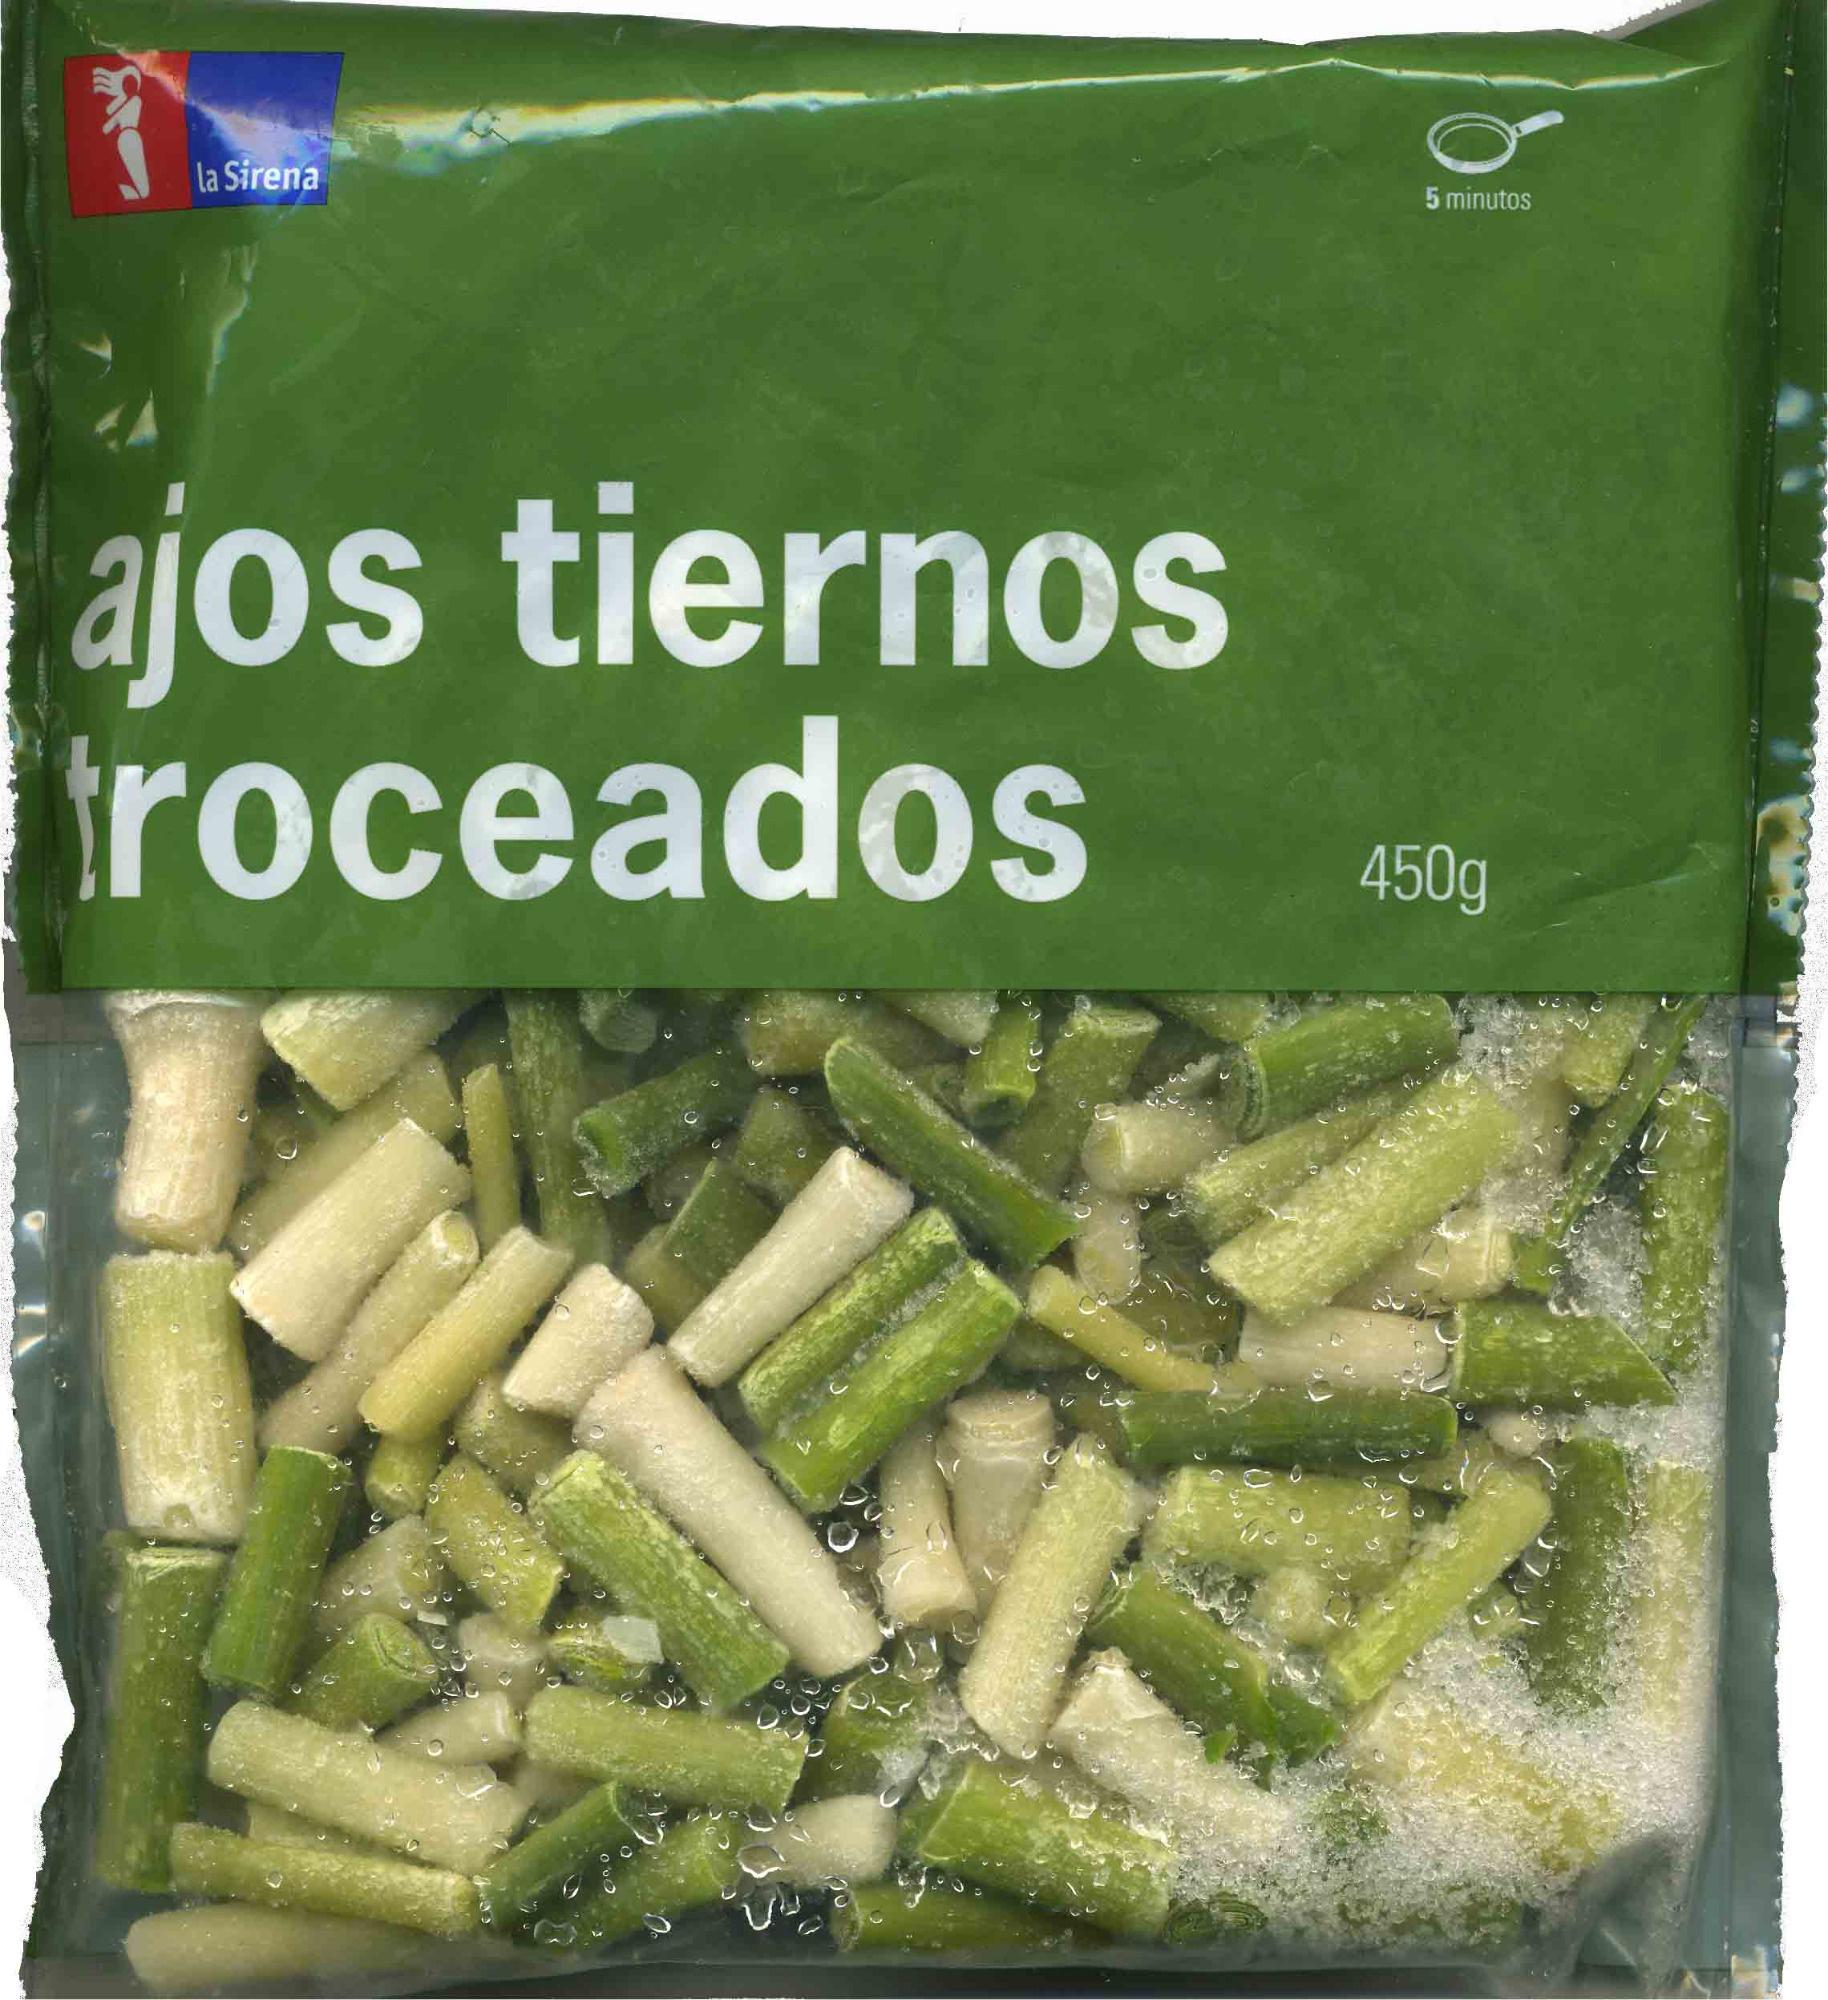 """Ajos tiernos troceados congelados """"La Sirena"""" - Producto"""